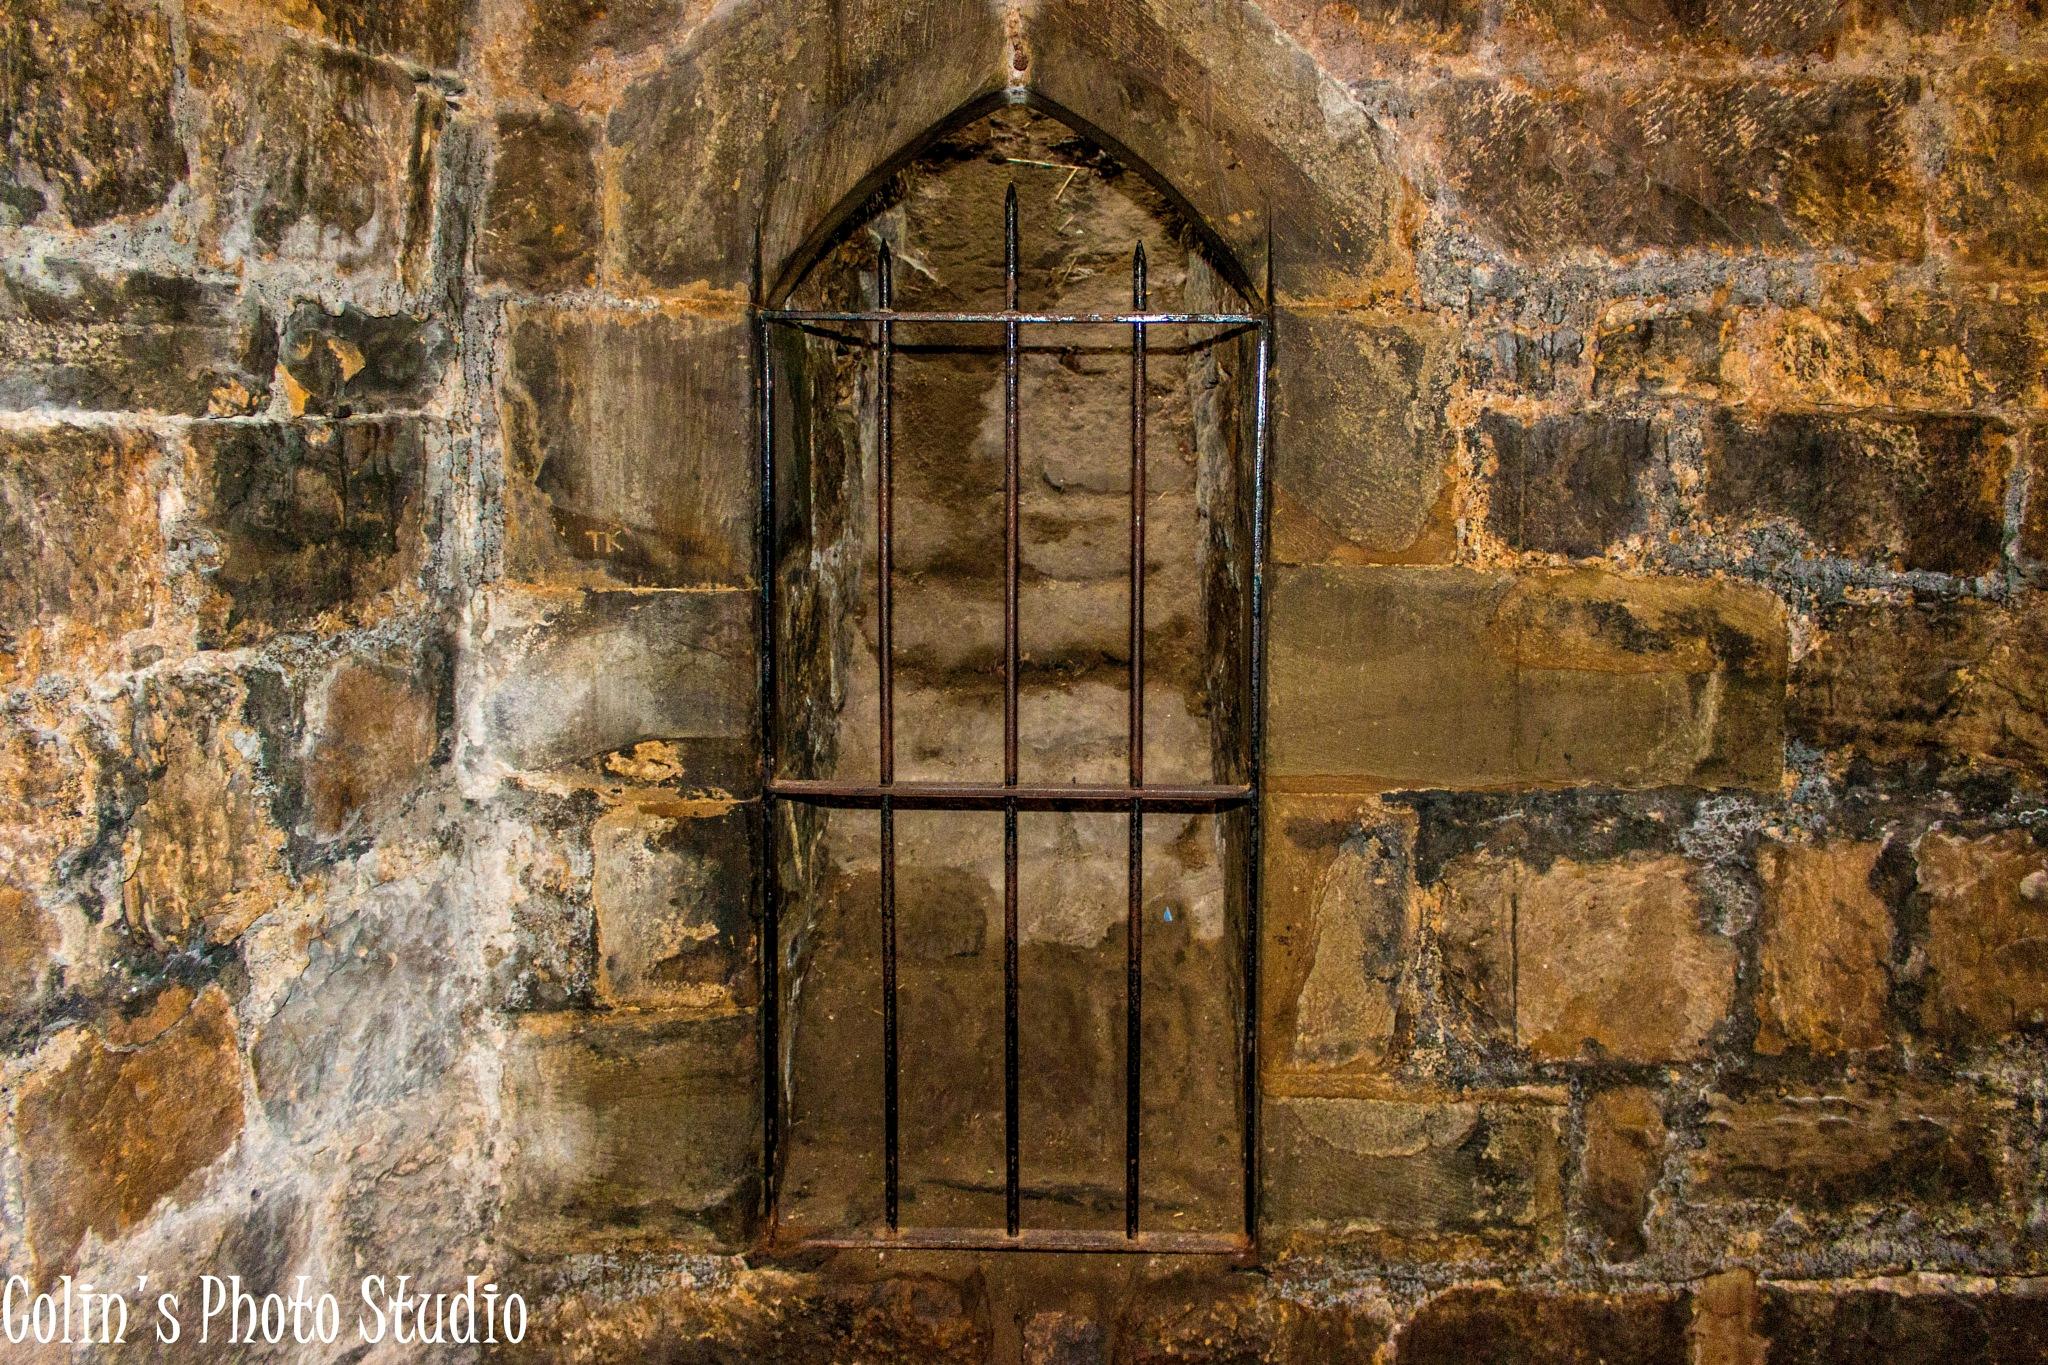 Prison in cellar by Colin